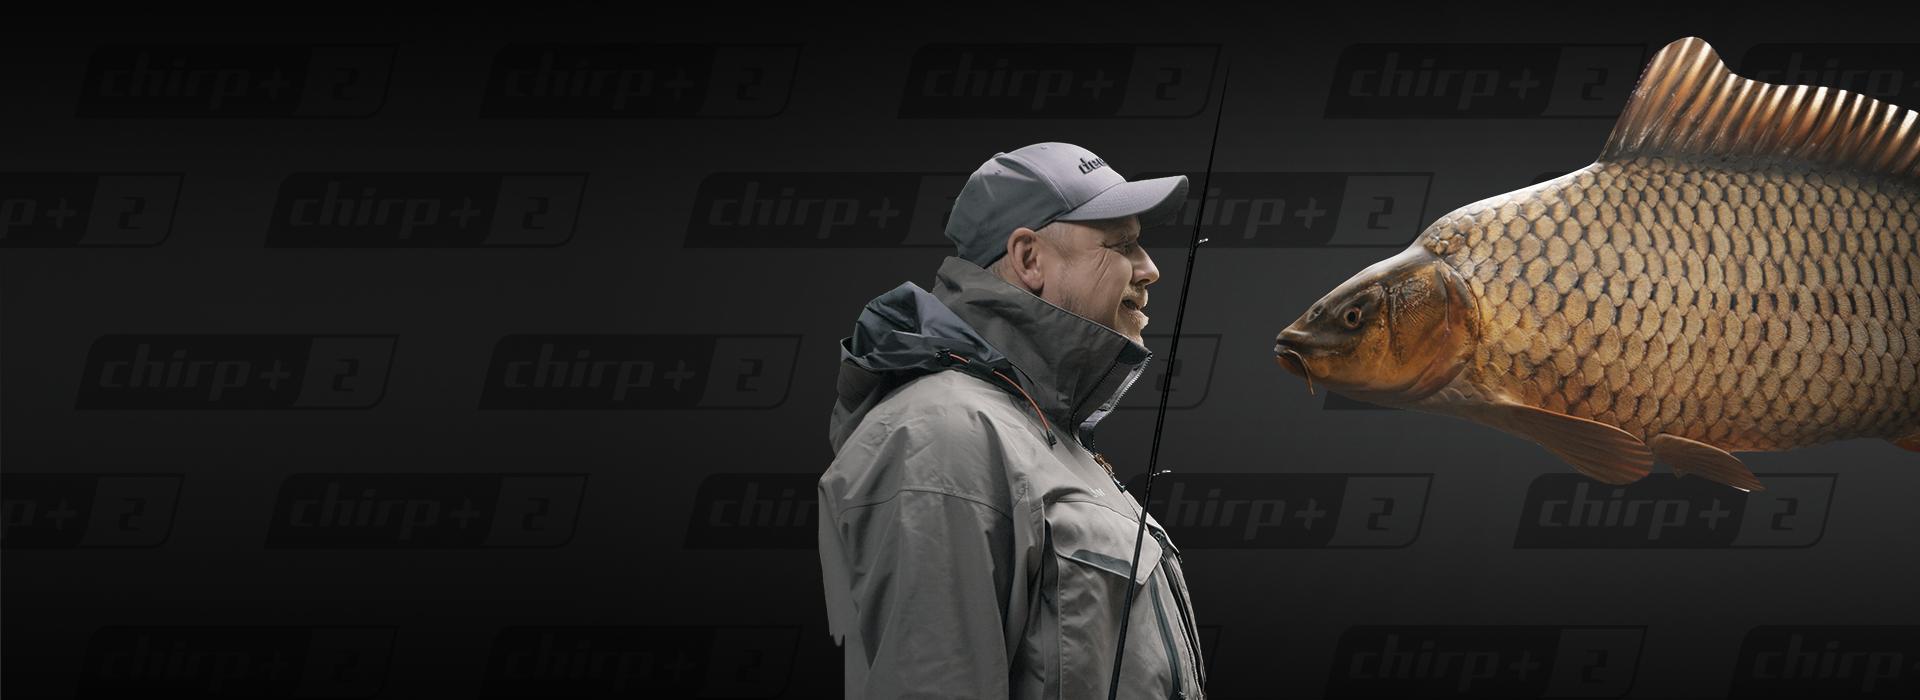 Ești nerăbdător să prinzi pești? Acum e posibil cu noul Deeper CHIRP+ 2!